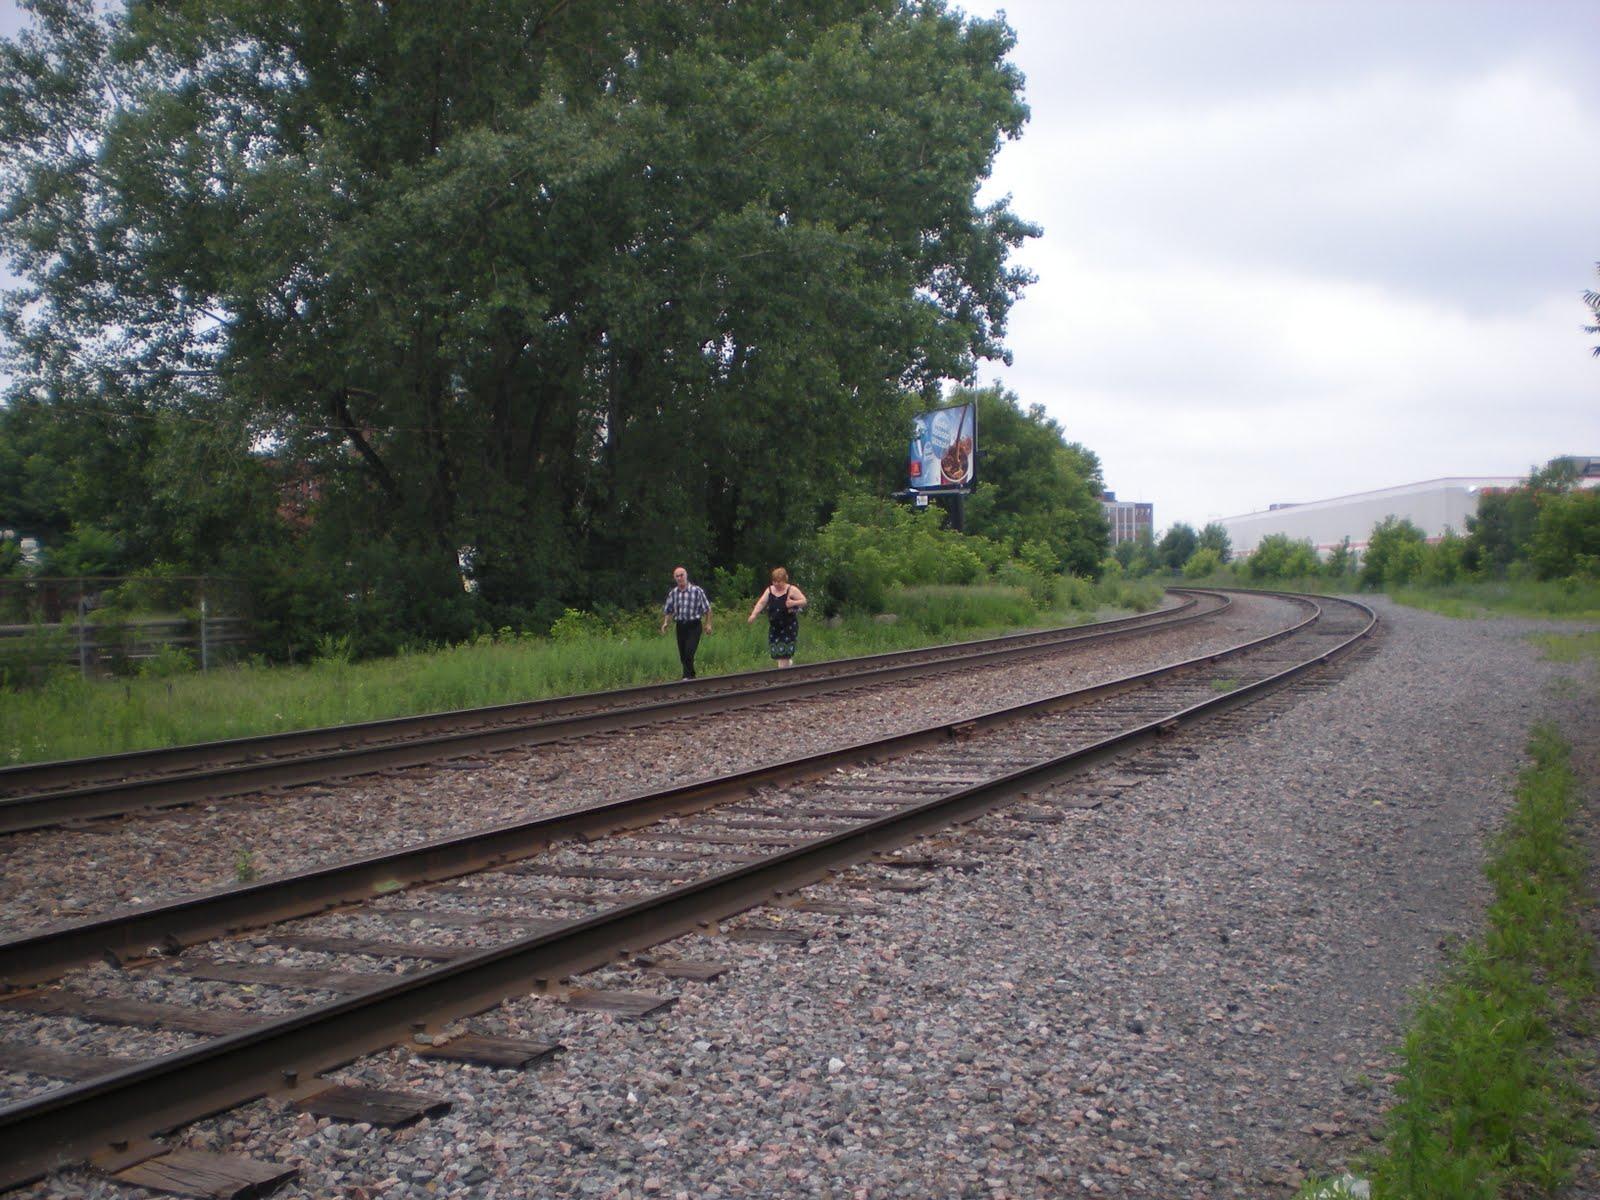 Photo contemporaine d'une voie ferrée double avec un homme et une femme marchant à côté.